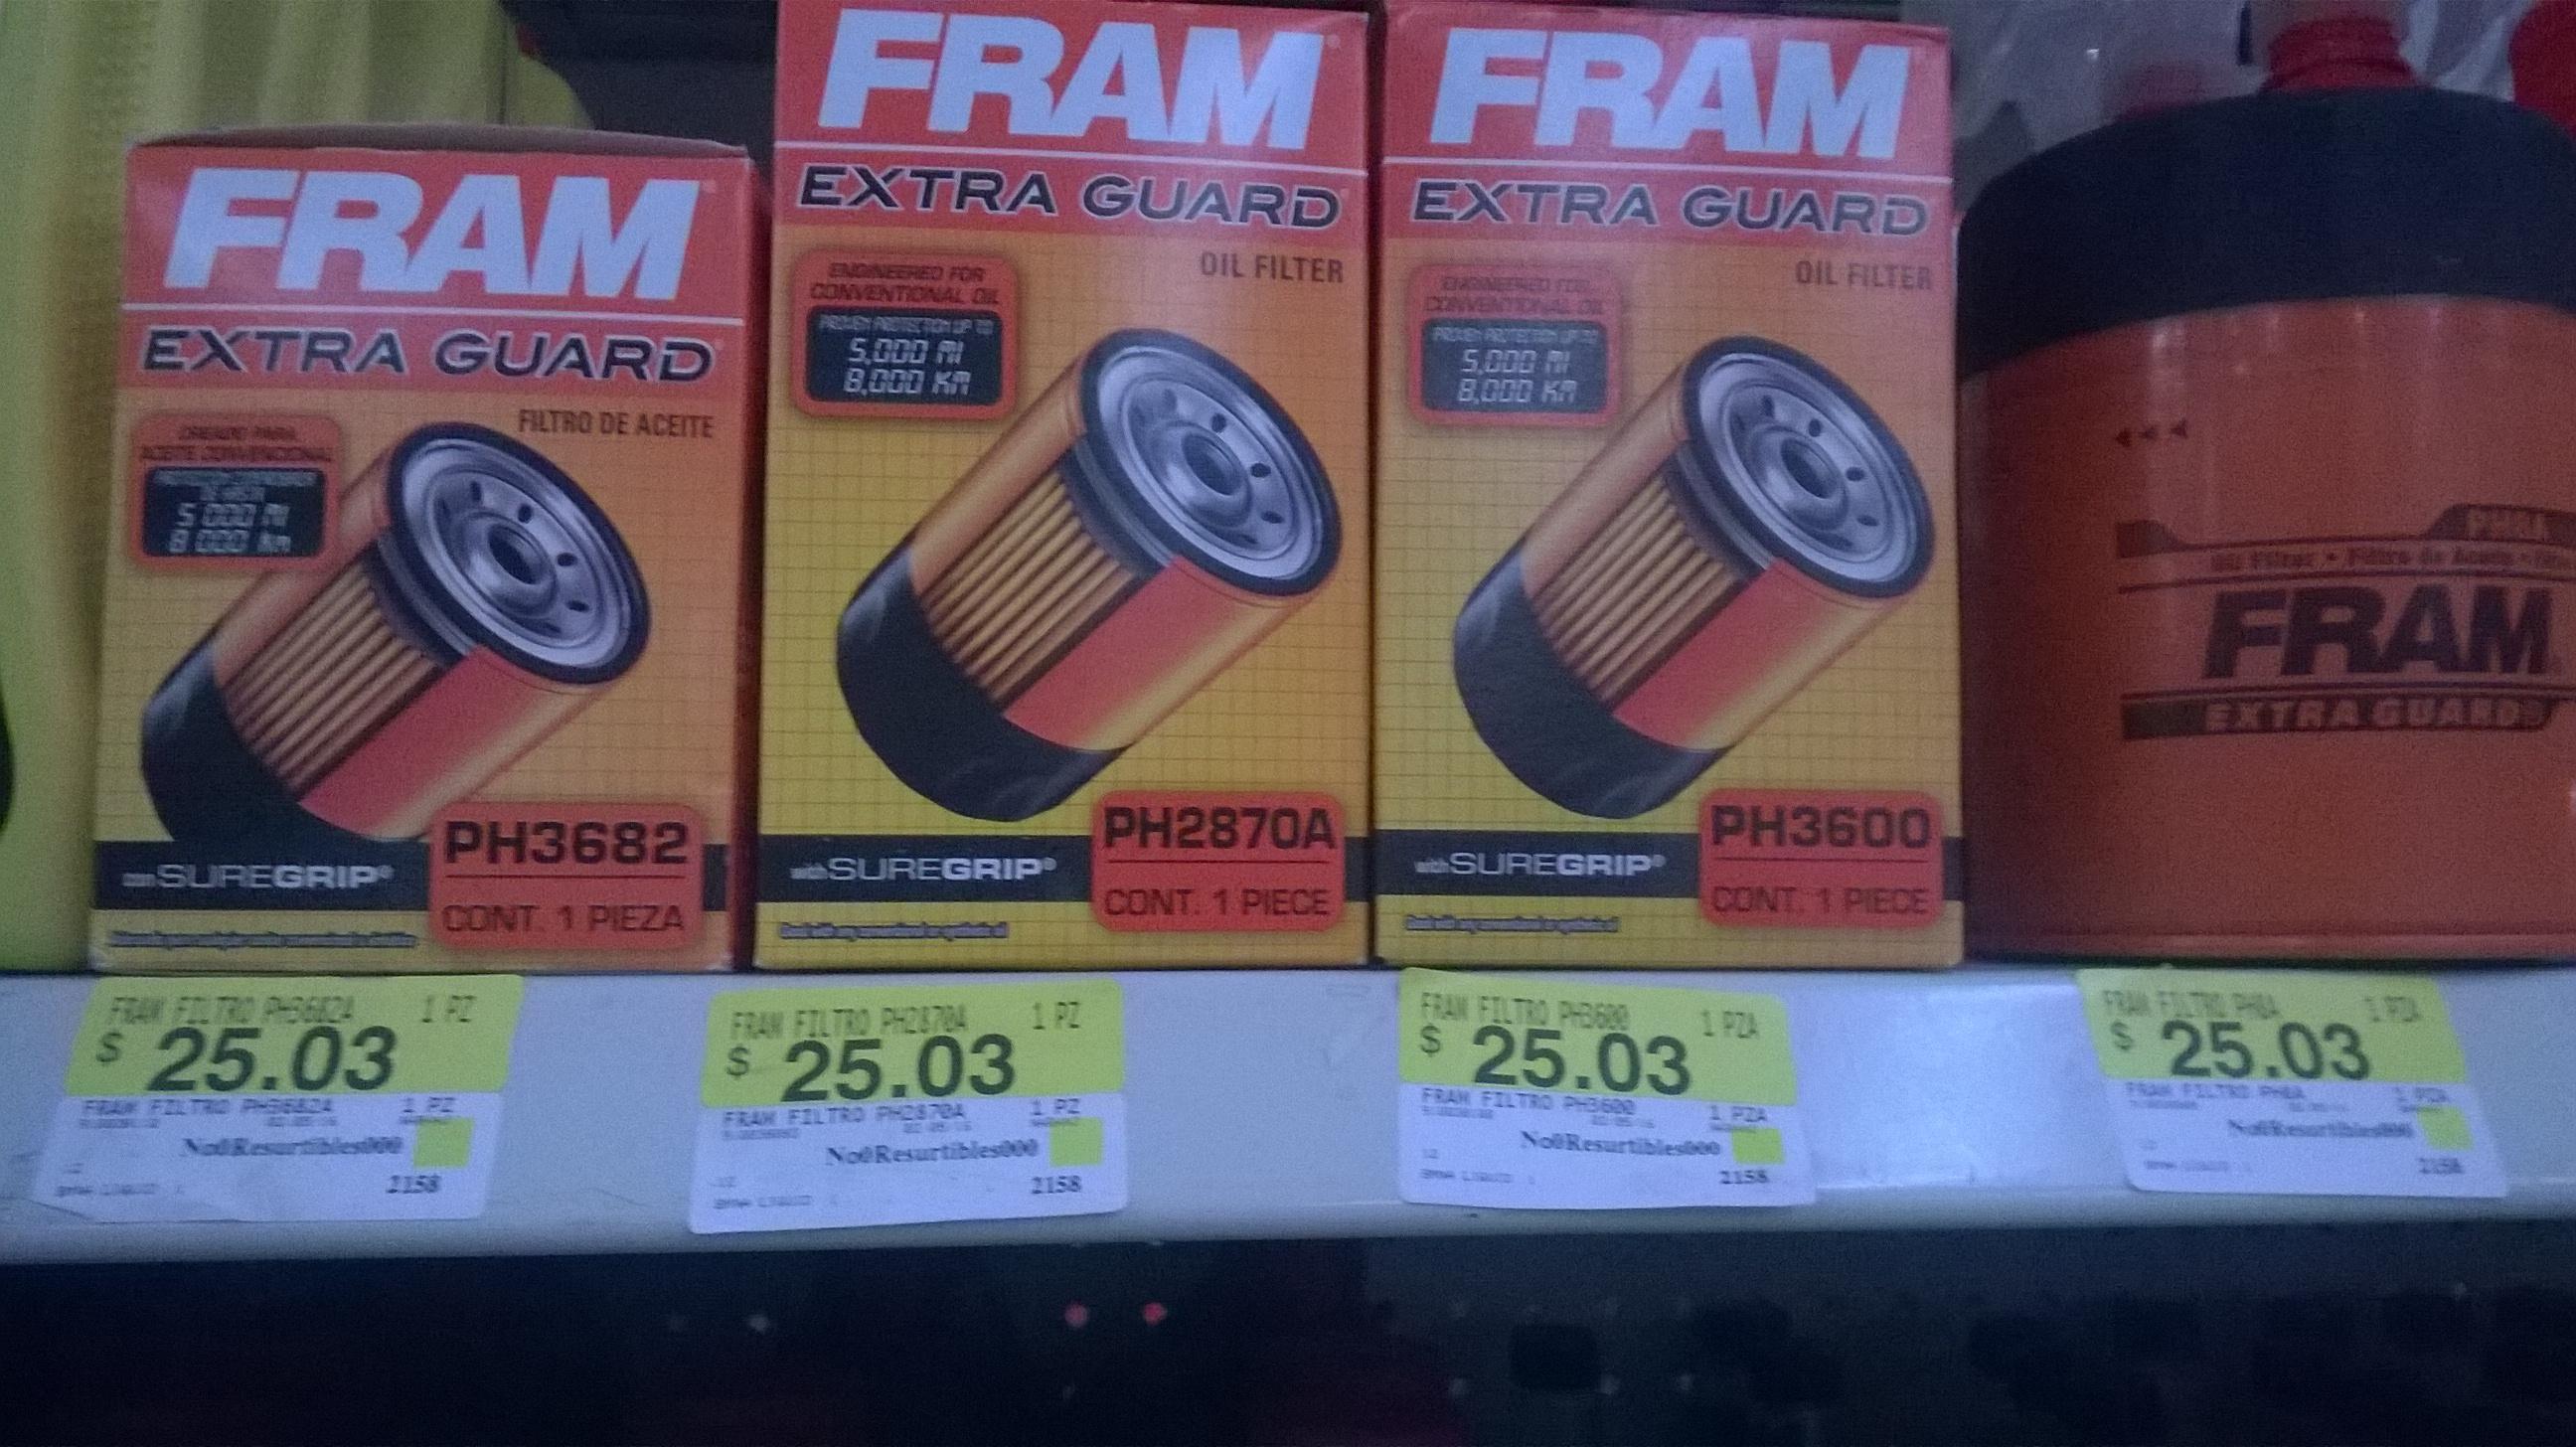 Bodega Aurrerá: filtro de aceite para auto Fram $25.03